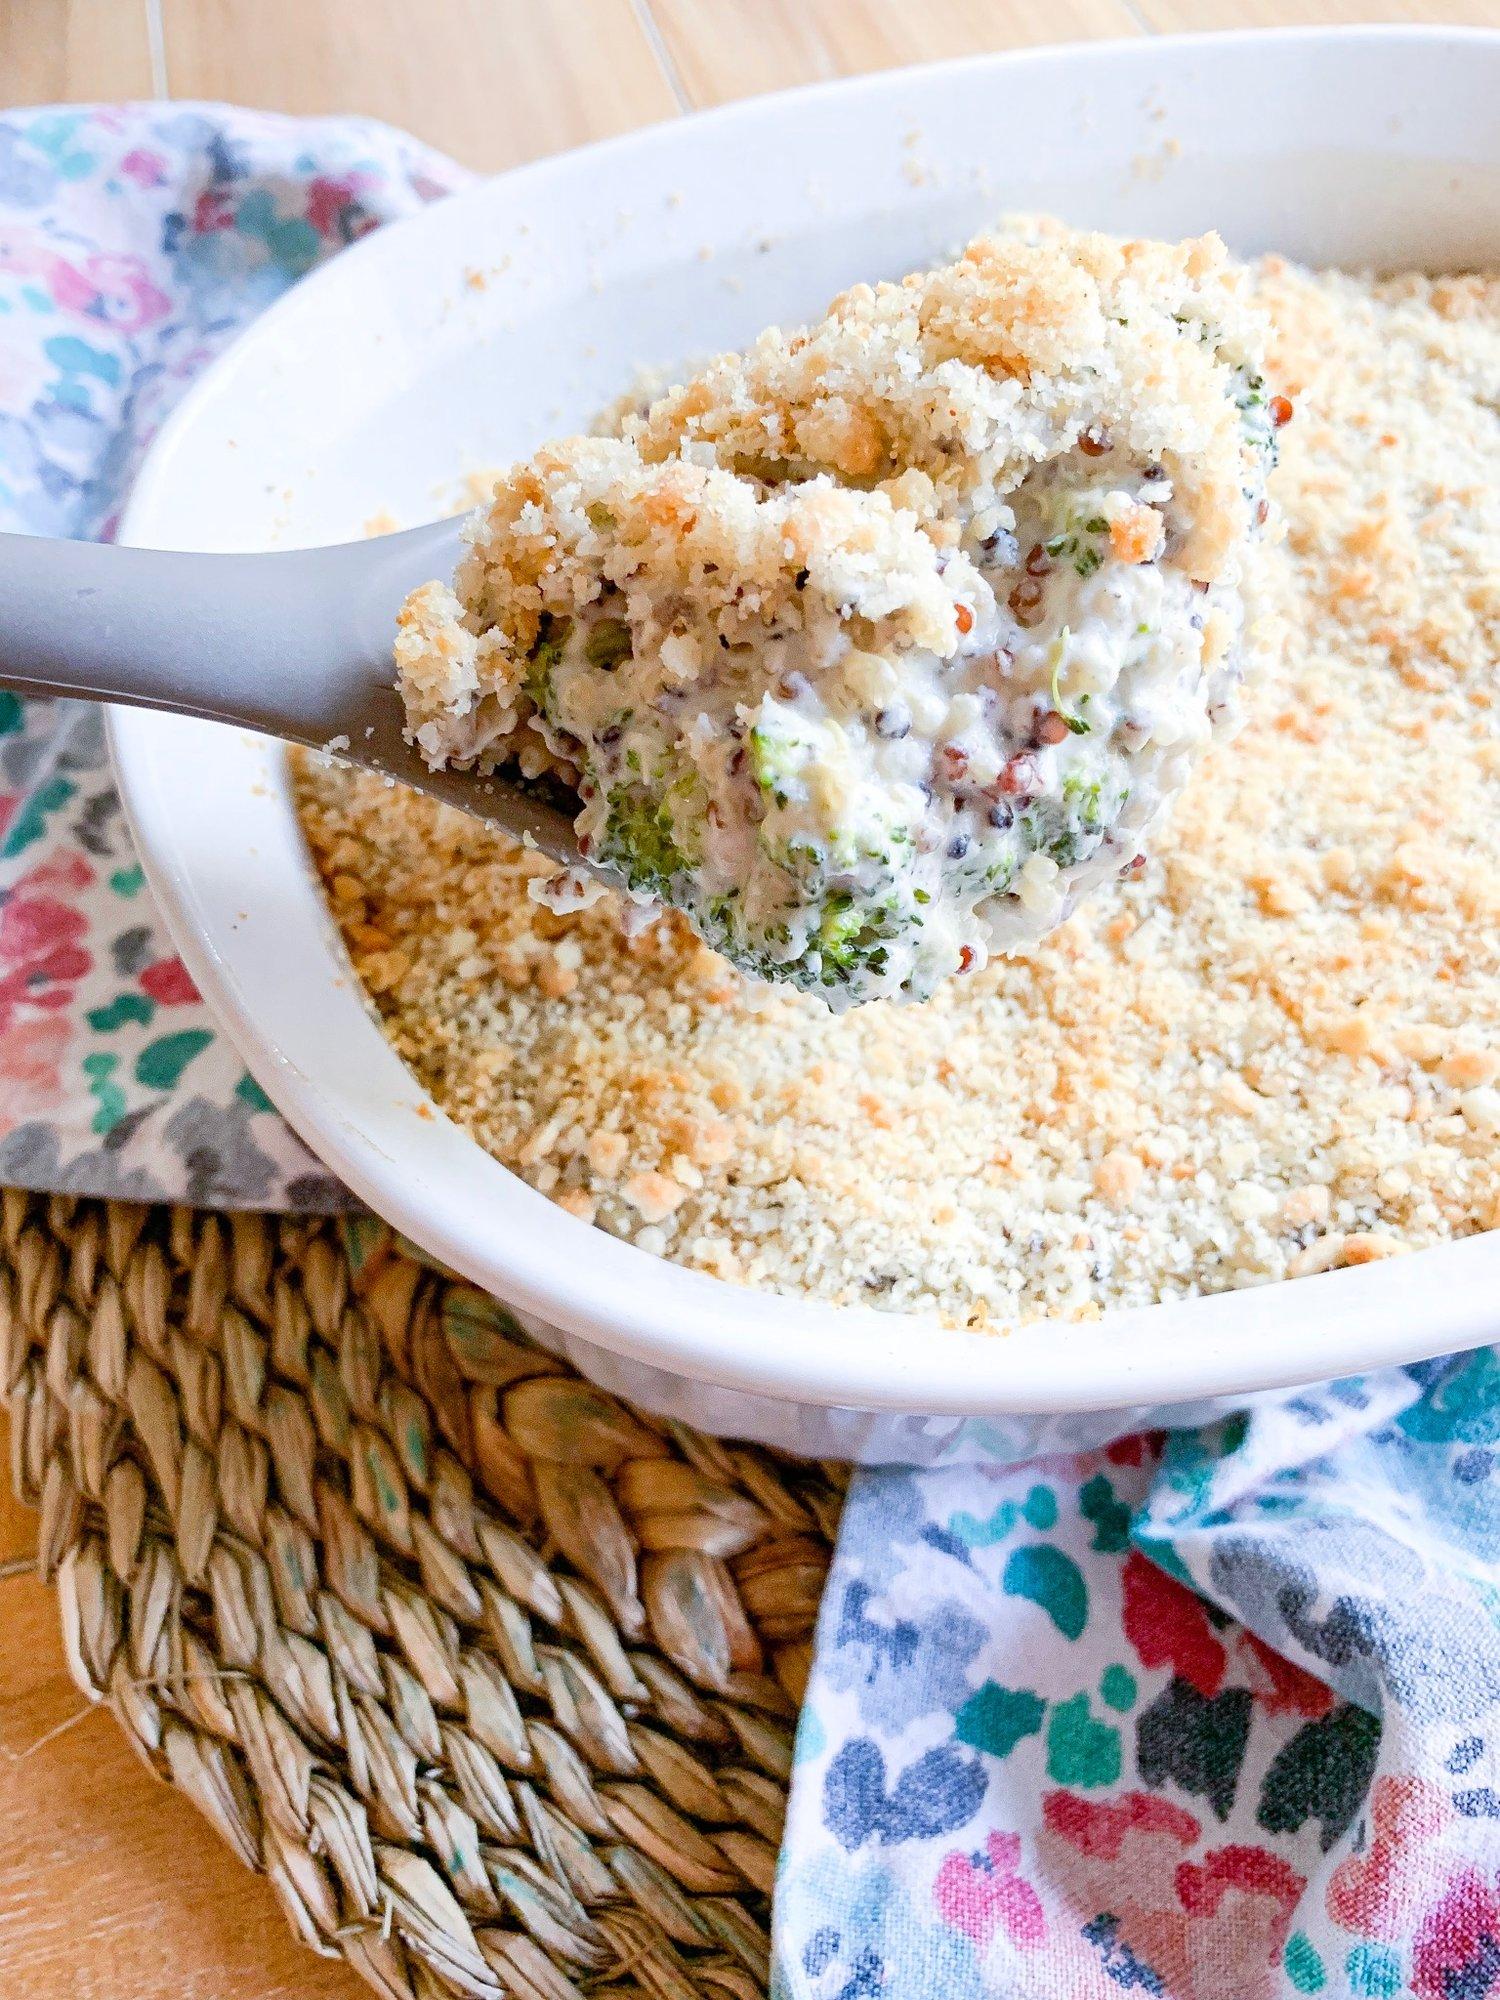 Broccoli+quinoa+casserole